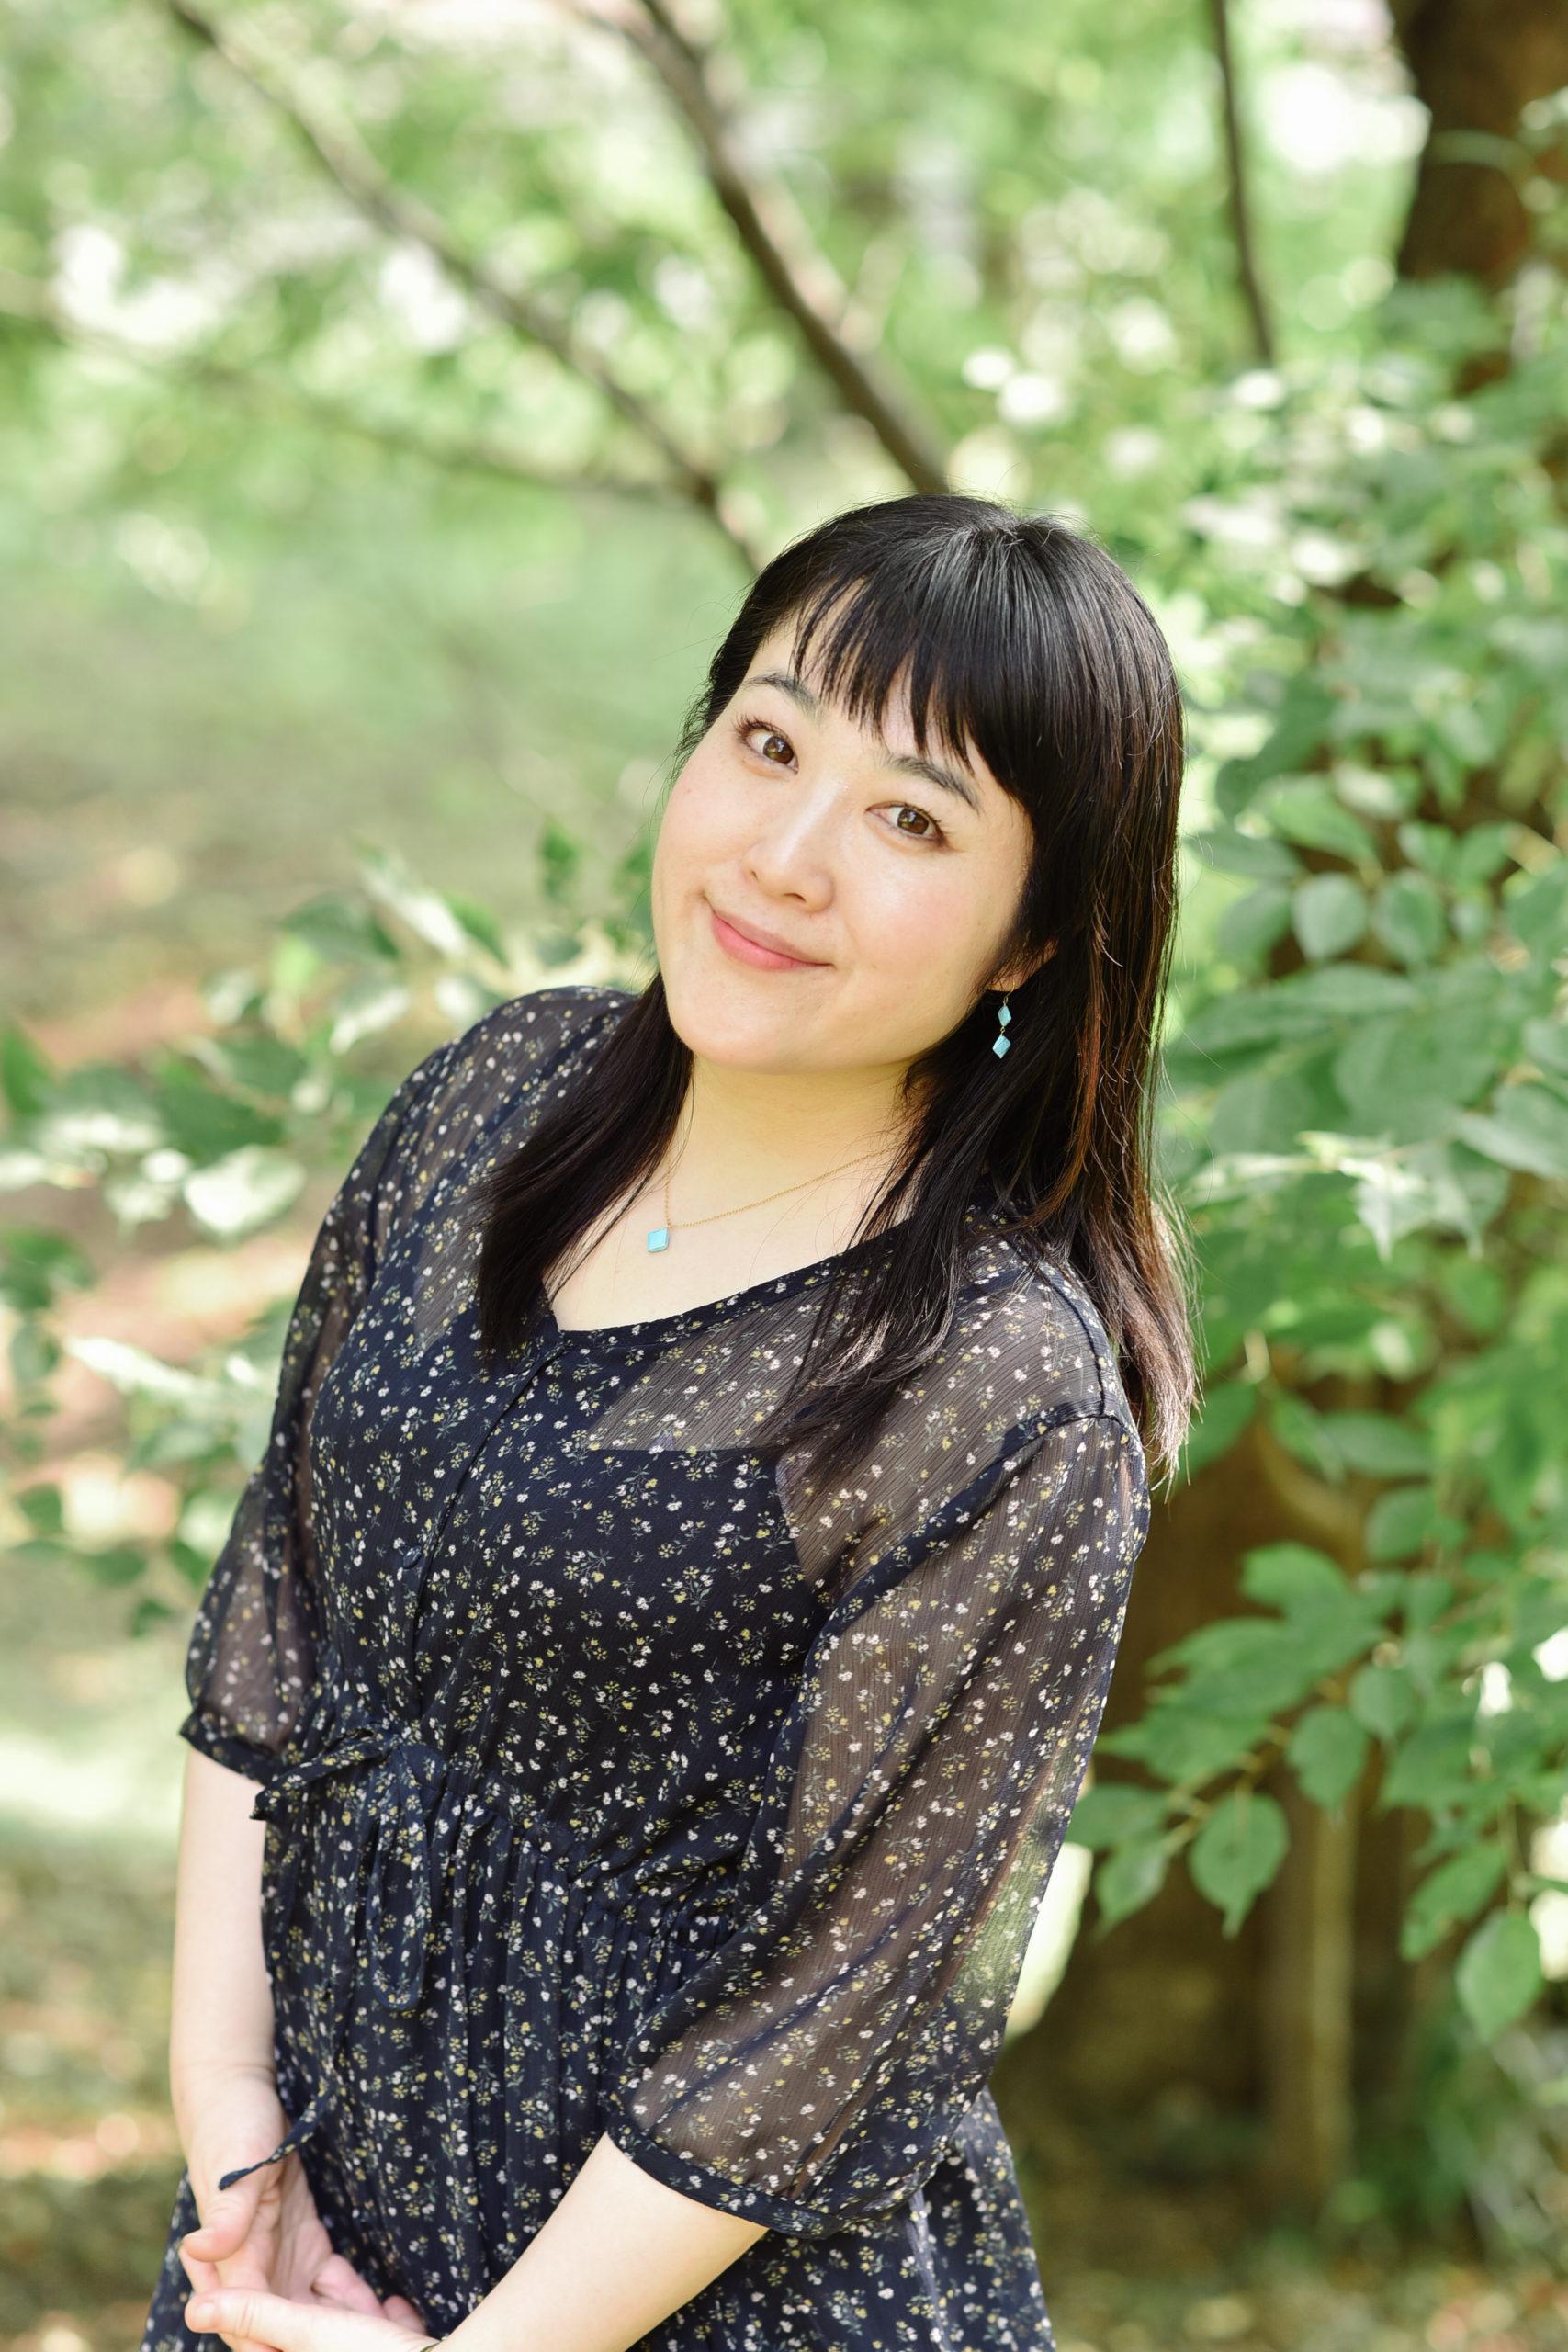 【限定企画】 吉田小夏(劇作家・演出家)によるワークショップ 『3つの視点で、現代劇の台詞を紐解く』